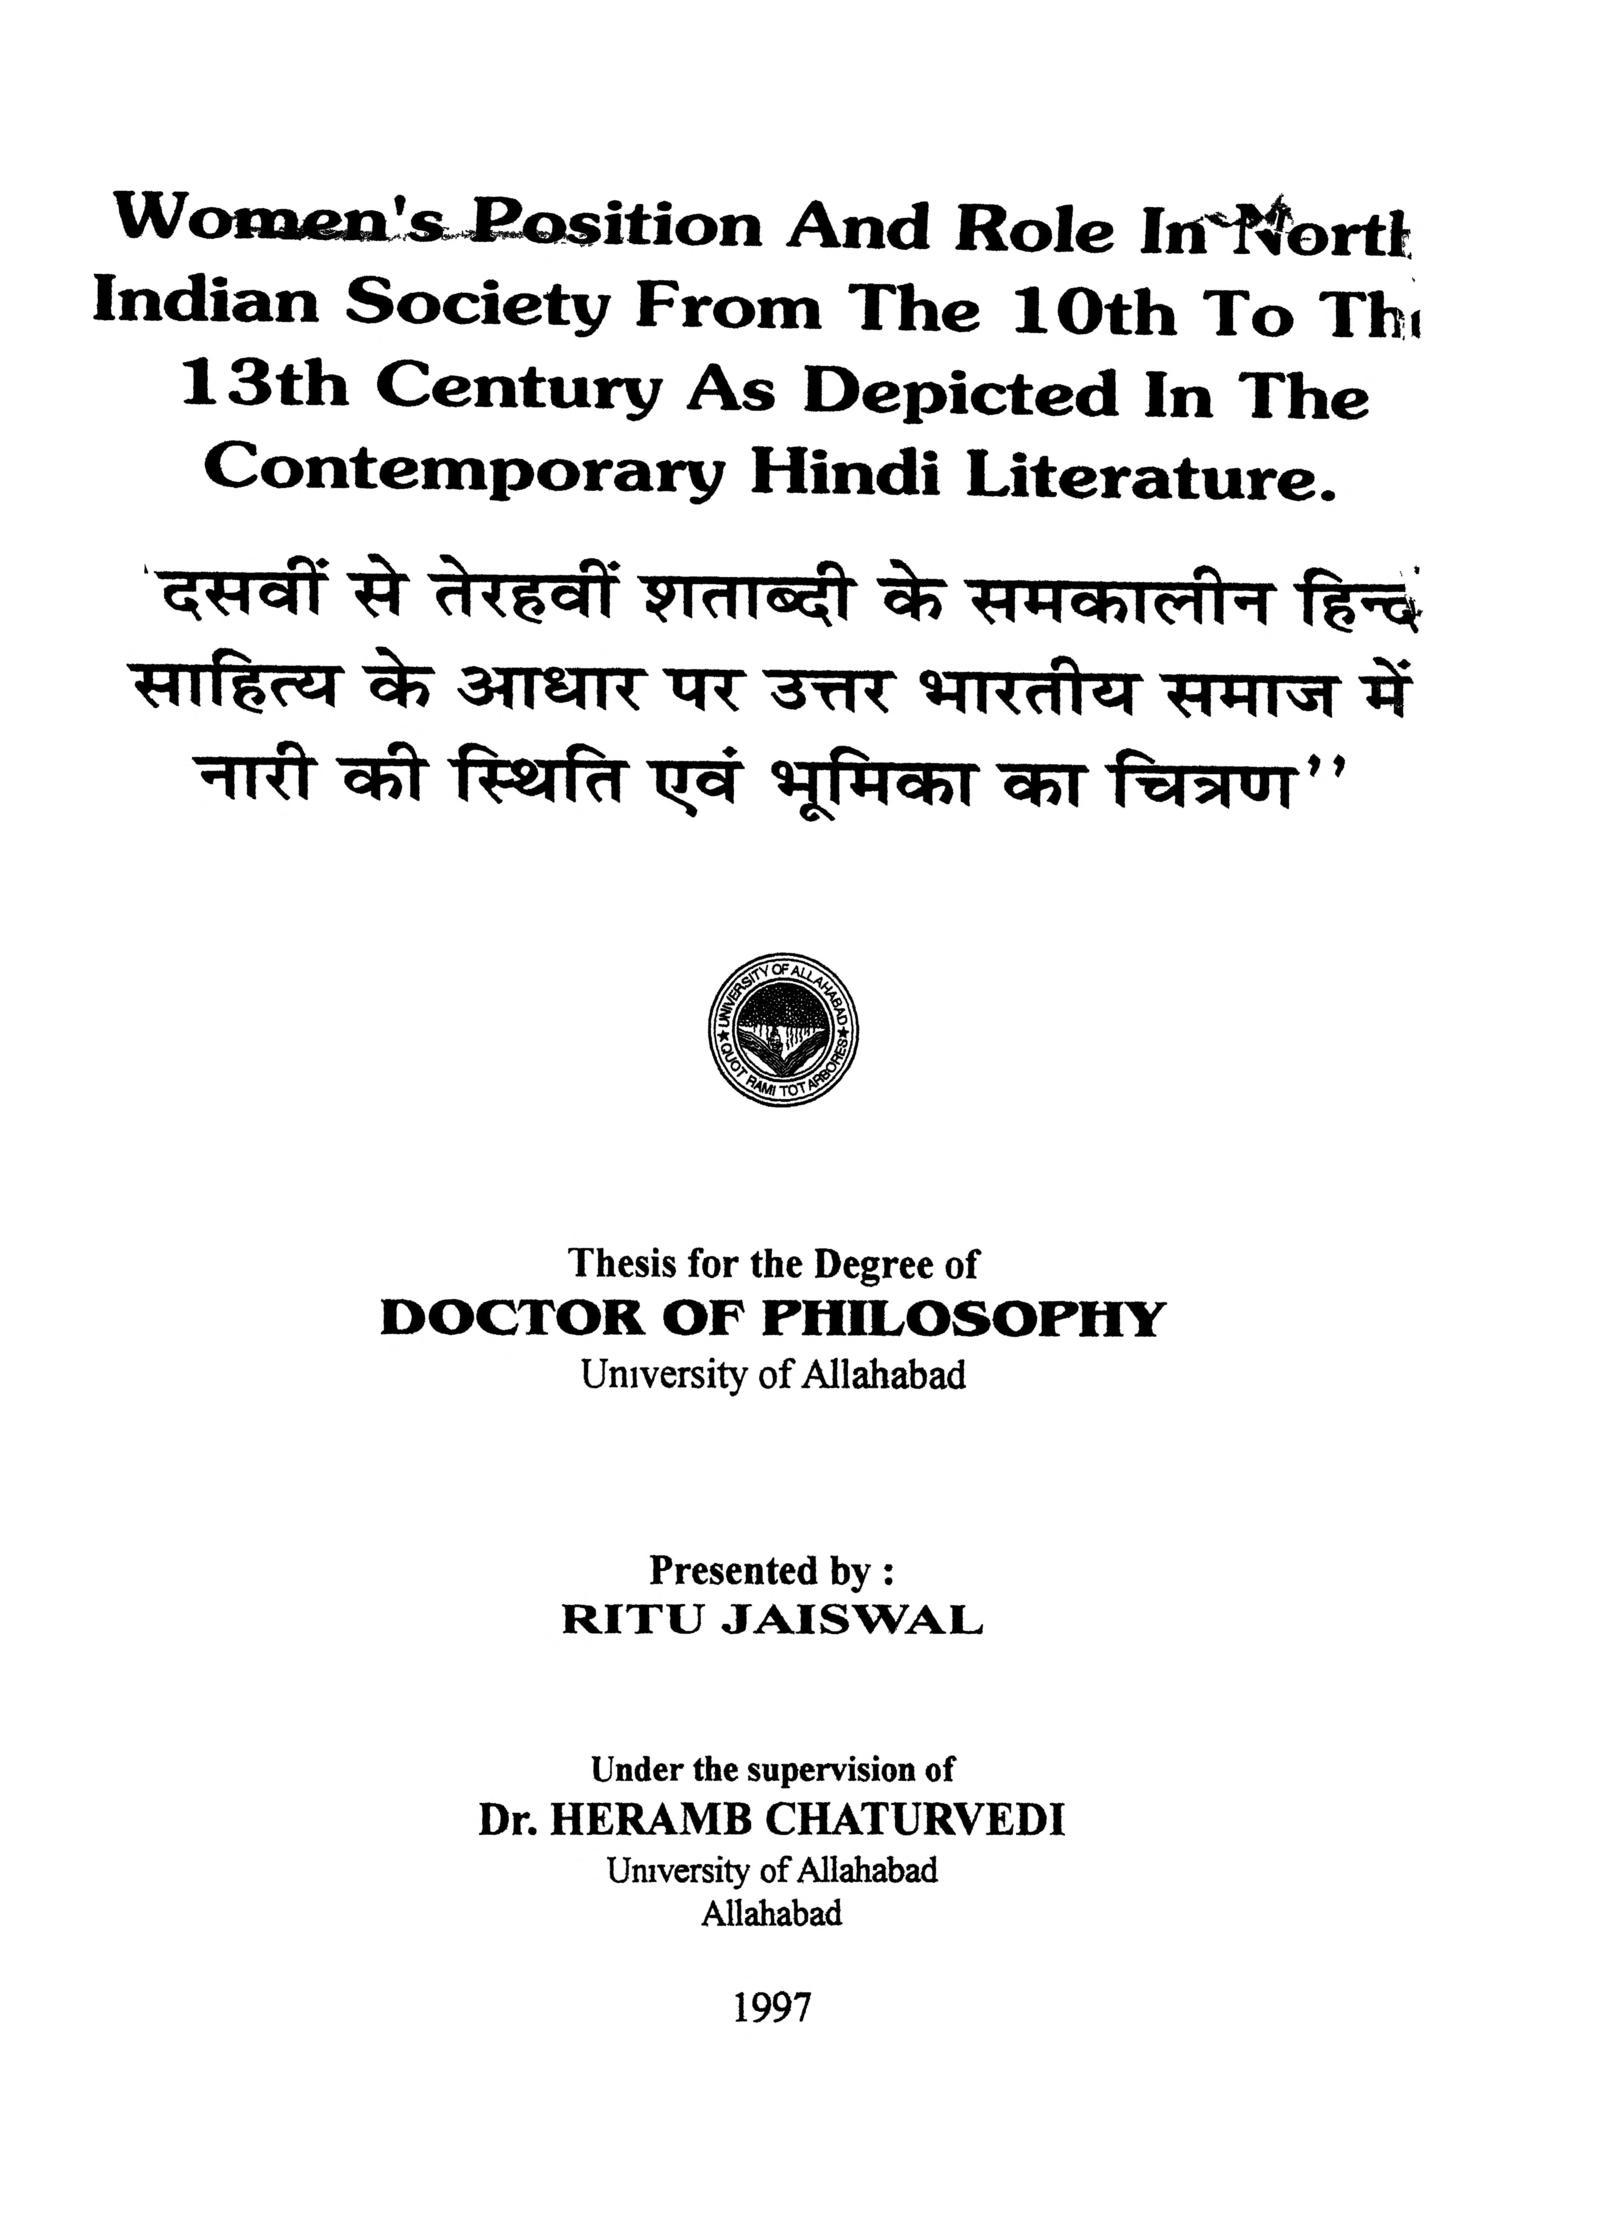 Dasvin se Terahvin Shatabdi Ke samkalin hindi sahitya ke aadhar par utter bhartiya samaj me  by ऋतु जैसवाल - Ritu Jaiswal